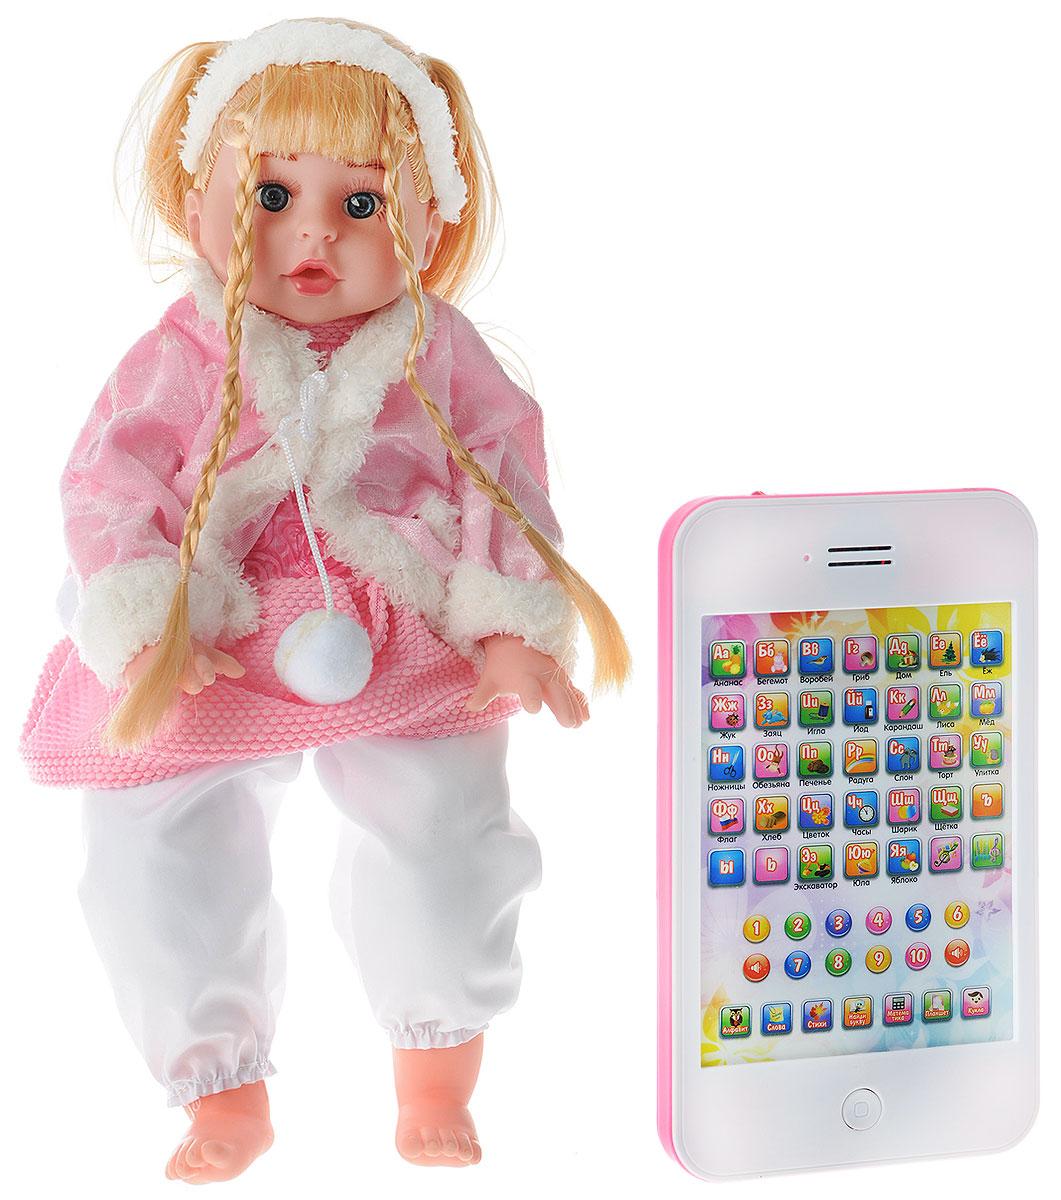 Tongde Интерактивная обучающая кукла Умняша в розовой шубке с планшетом60926BL-R_розовая шубкаИнтерактивная обучающая кукла Tongde Умняша в розовой шубке с планшетом обязательно понравится вашей малышке. Кукла, изготовленная из высококачественных материалов, имеет пластиковый корпус и мягконабивные ножки. Умняша одета в розовую текстильную шубку с завязками, розовое платьице и белые штанишки. Длинные светлые волосы куклы можно заплетать в косички и хвостики. Кукла двигается, а при нажатии на кнопку на груди поет веселые песенки. С куклой можно играть также при помощи специального планшета, благодаря которому ребенок вместе с Умняшей сможет выучить алфавит, цифры, слова, а также послушать веселые стихи - достаточно лишь нажать на планшете кнопку с соответствующим режимом. При нажатии на буквы ребенок услышит название буквы, слово на эту букву или стихотворение с ней, в зависимости от режима. При нажатии на цифру можно узнать ее название, а при смене режима цифру можно угадывать! В комплект также входит подробная инструкция на русском языке. Игра с обучающей...